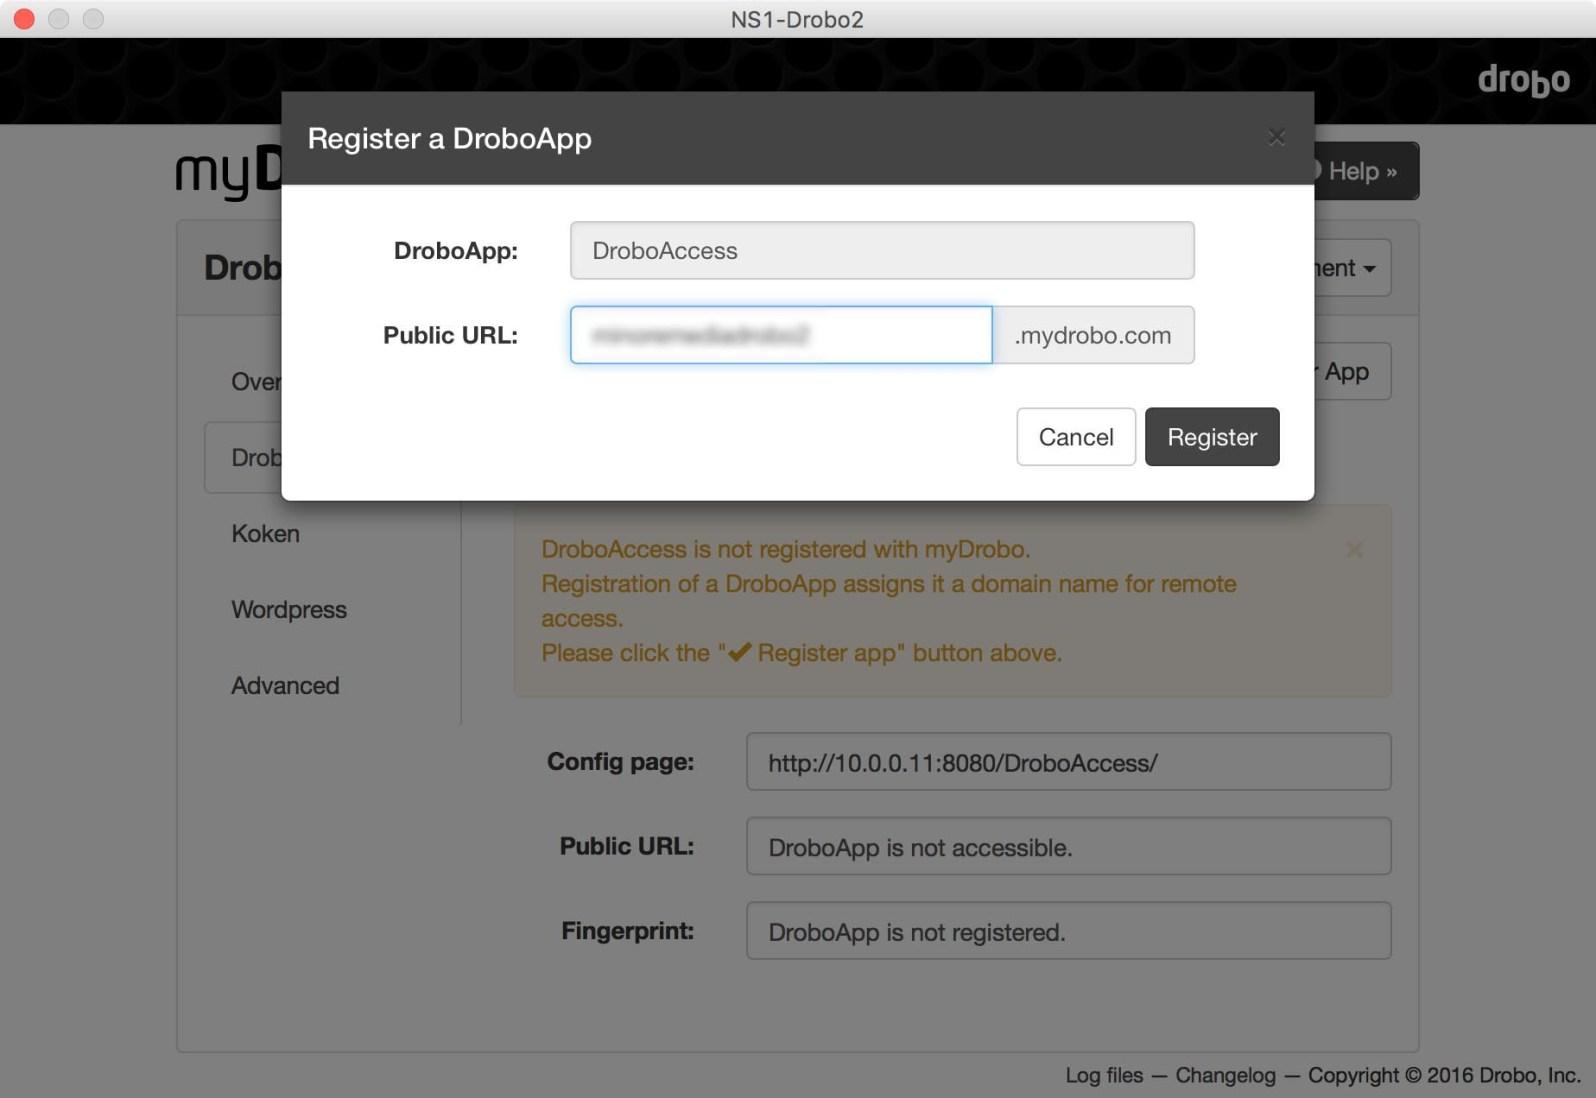 Register a DroboApp